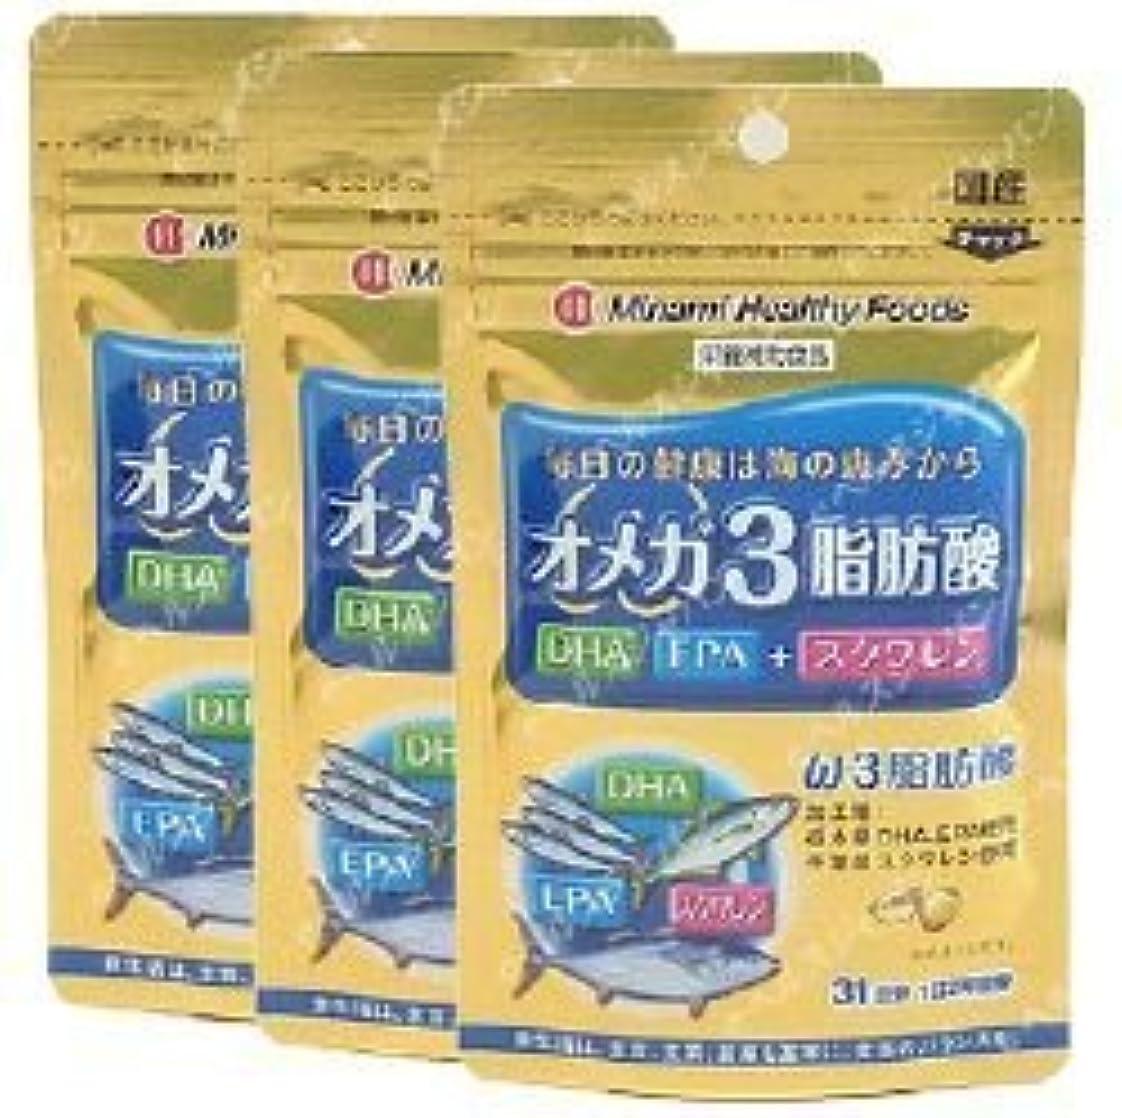 アグネスグレイ数値ぞっとするようなオメガ3脂肪酸 31日分 62球(お取り寄せ品)×3個 4945904017975*3